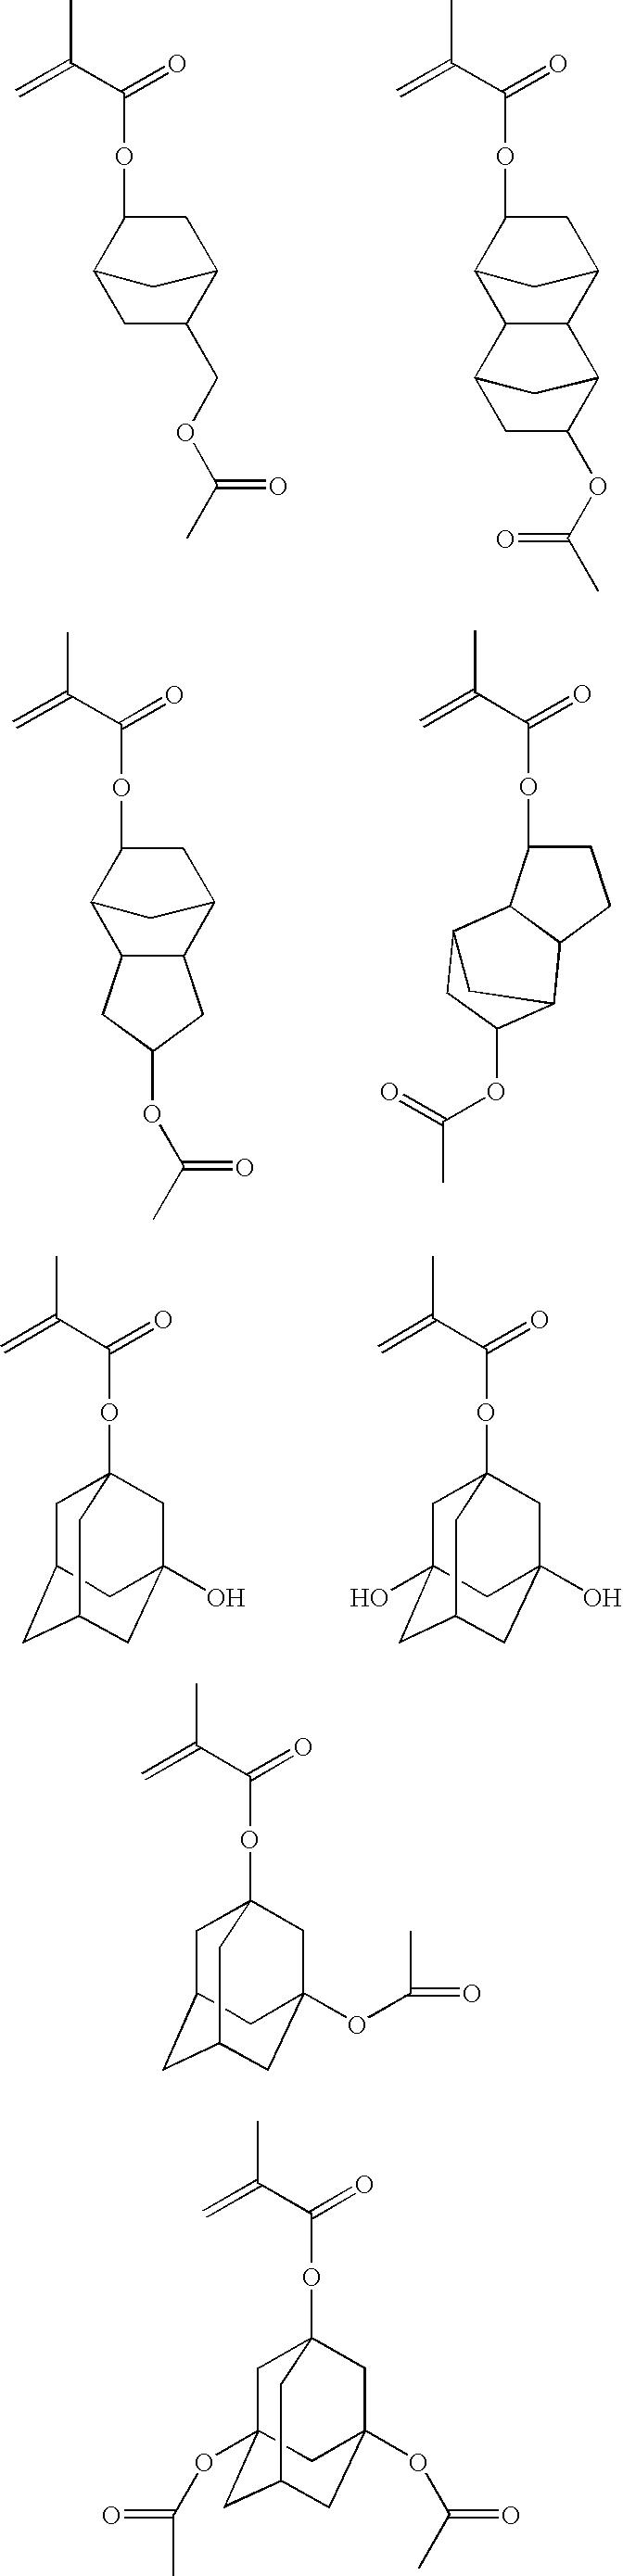 Figure US20100178617A1-20100715-C00033